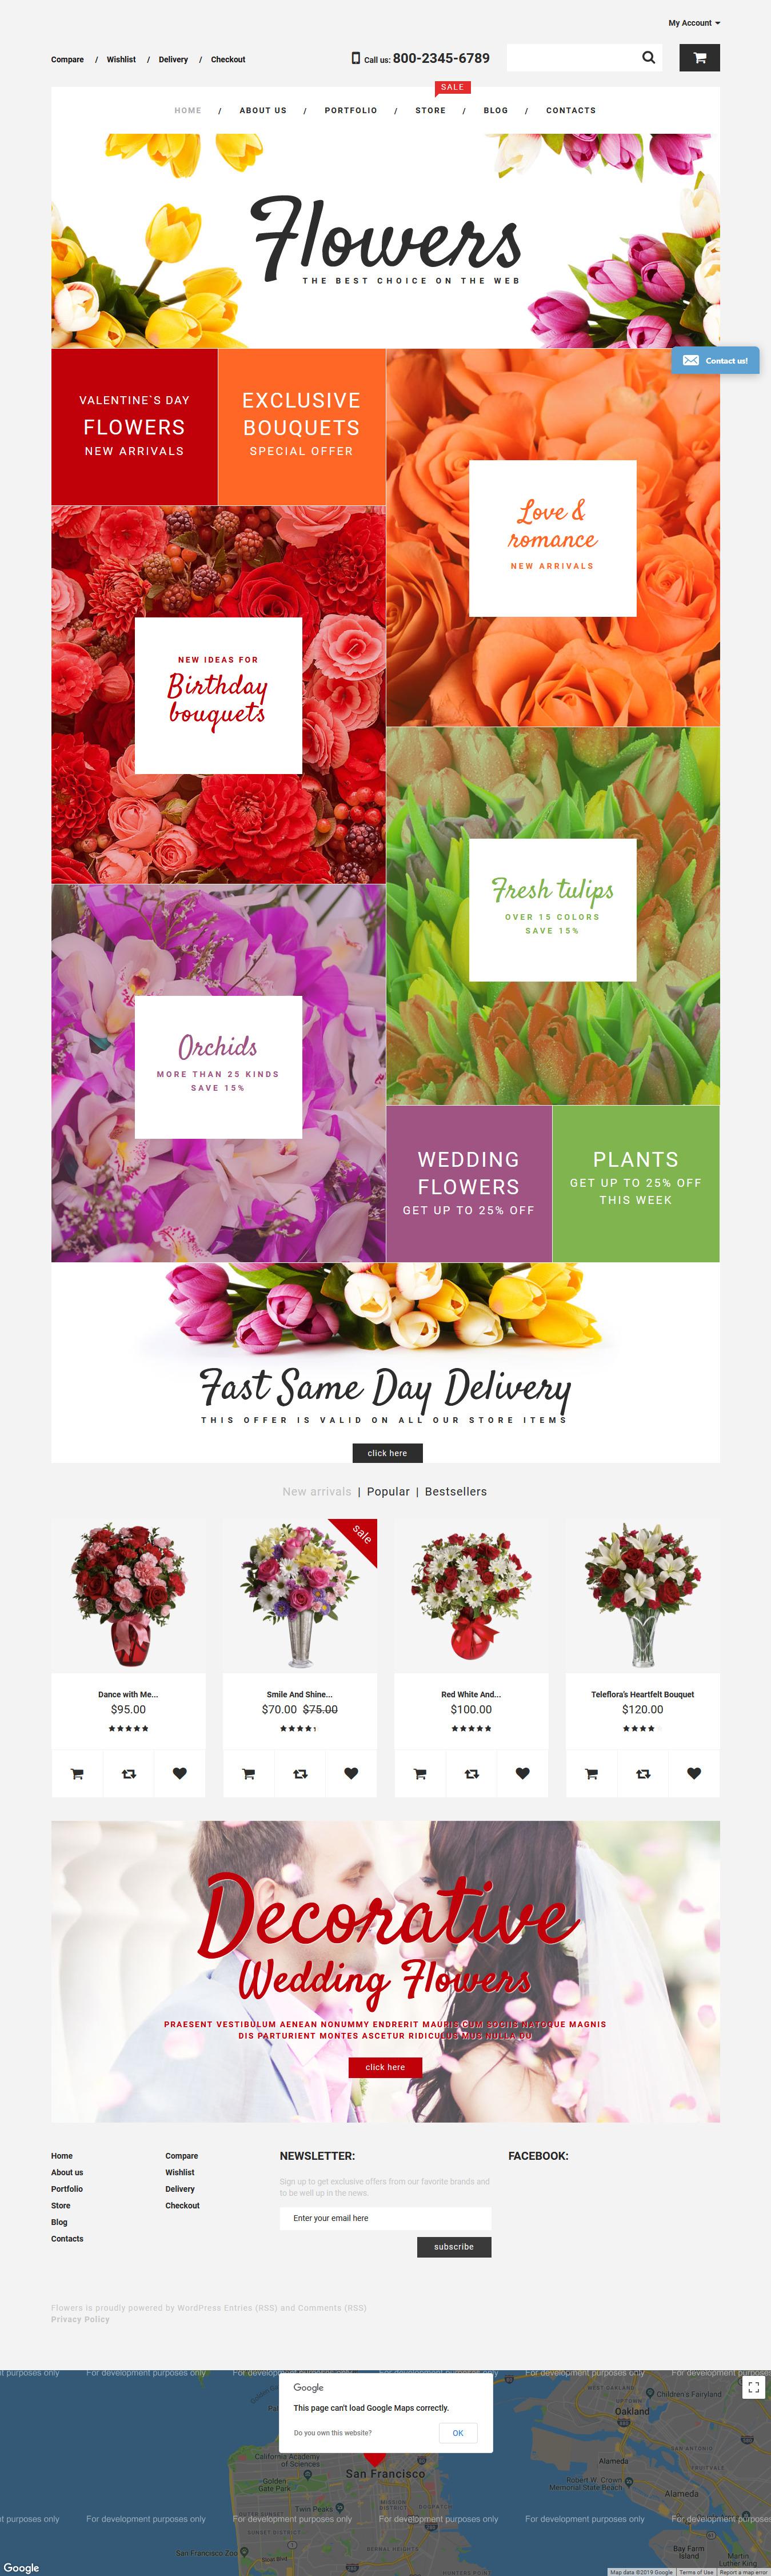 flower shop best premium florist floriculture wordpress theme - 10+ Best Premium Florist and Floriculture WordPress Themes